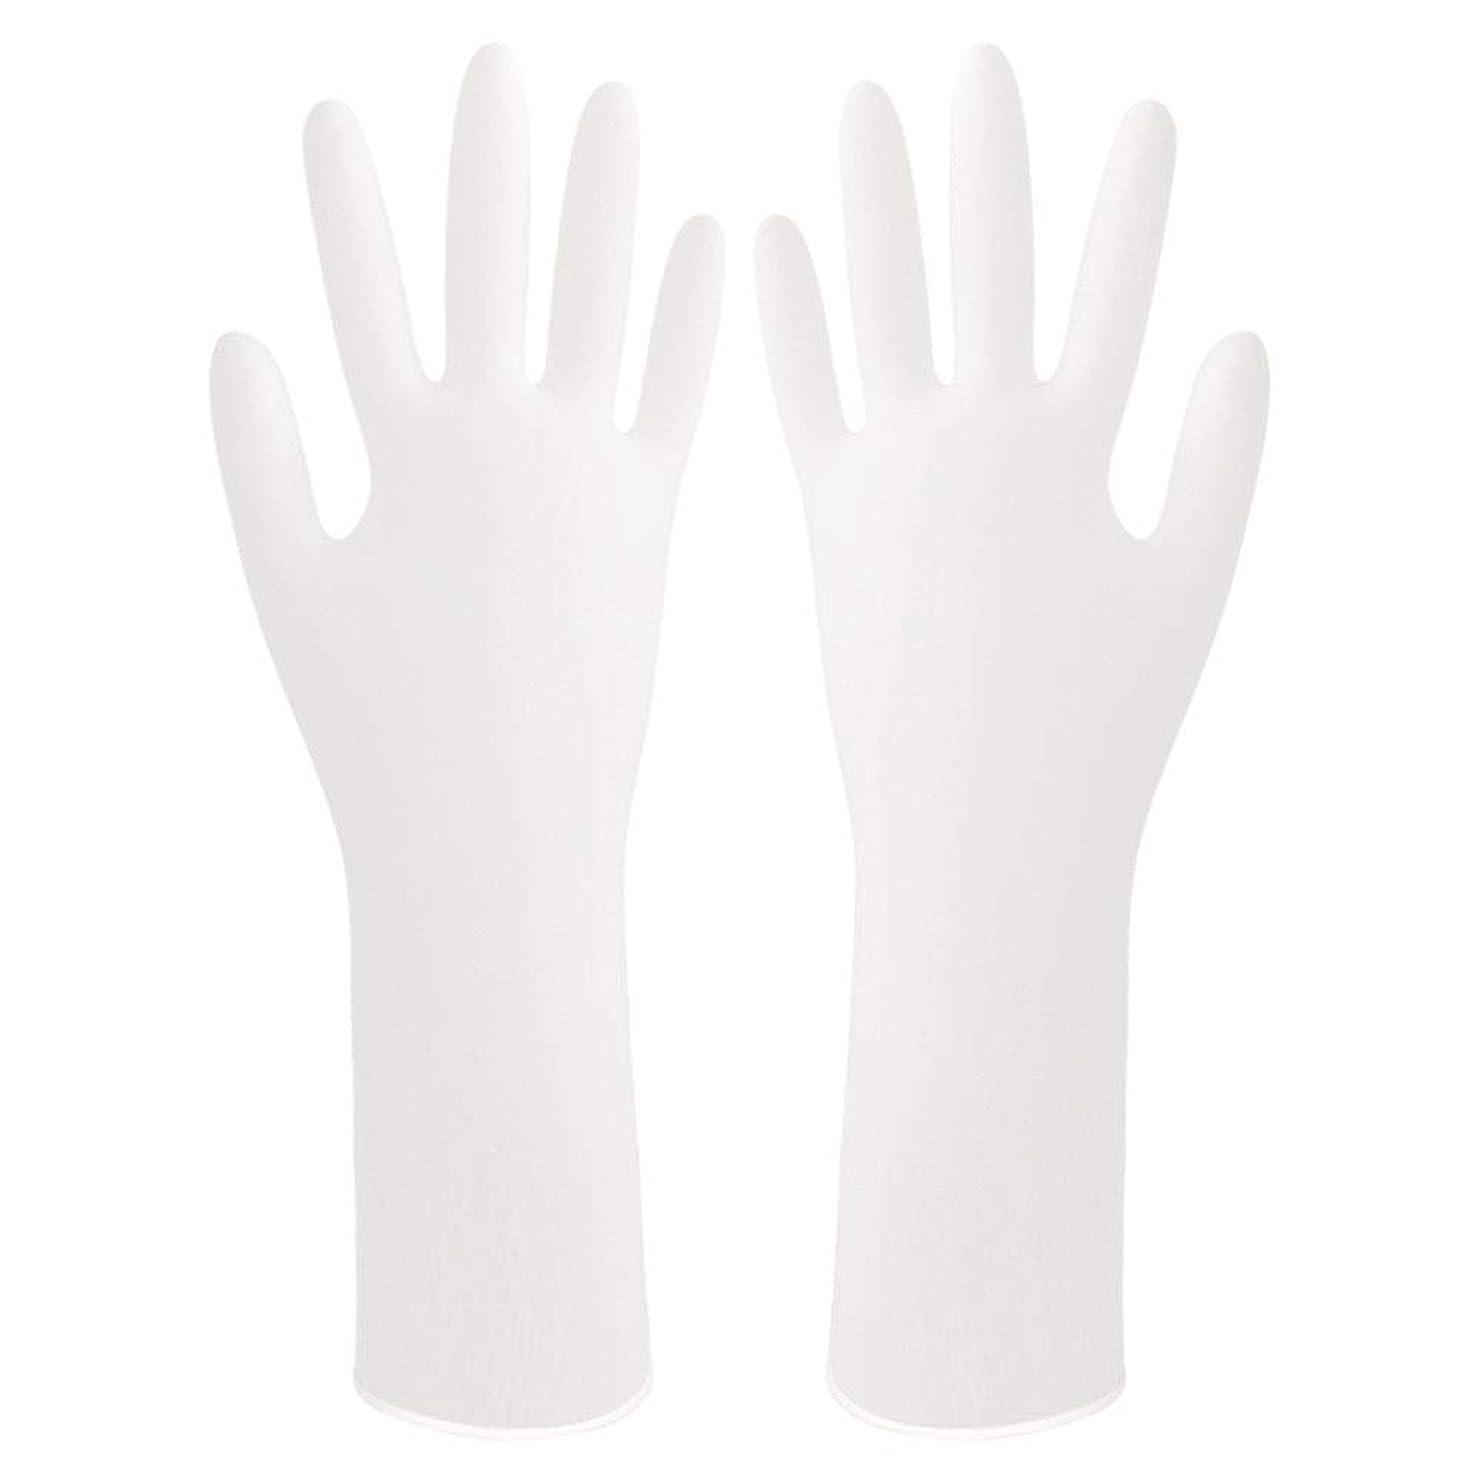 委任確保する許可する使い捨て手袋 ゴム手袋厚くて使い捨ての耐久性のある家庭用防水手袋を着用 ニトリルゴム手袋 (Color : White, Size : L)